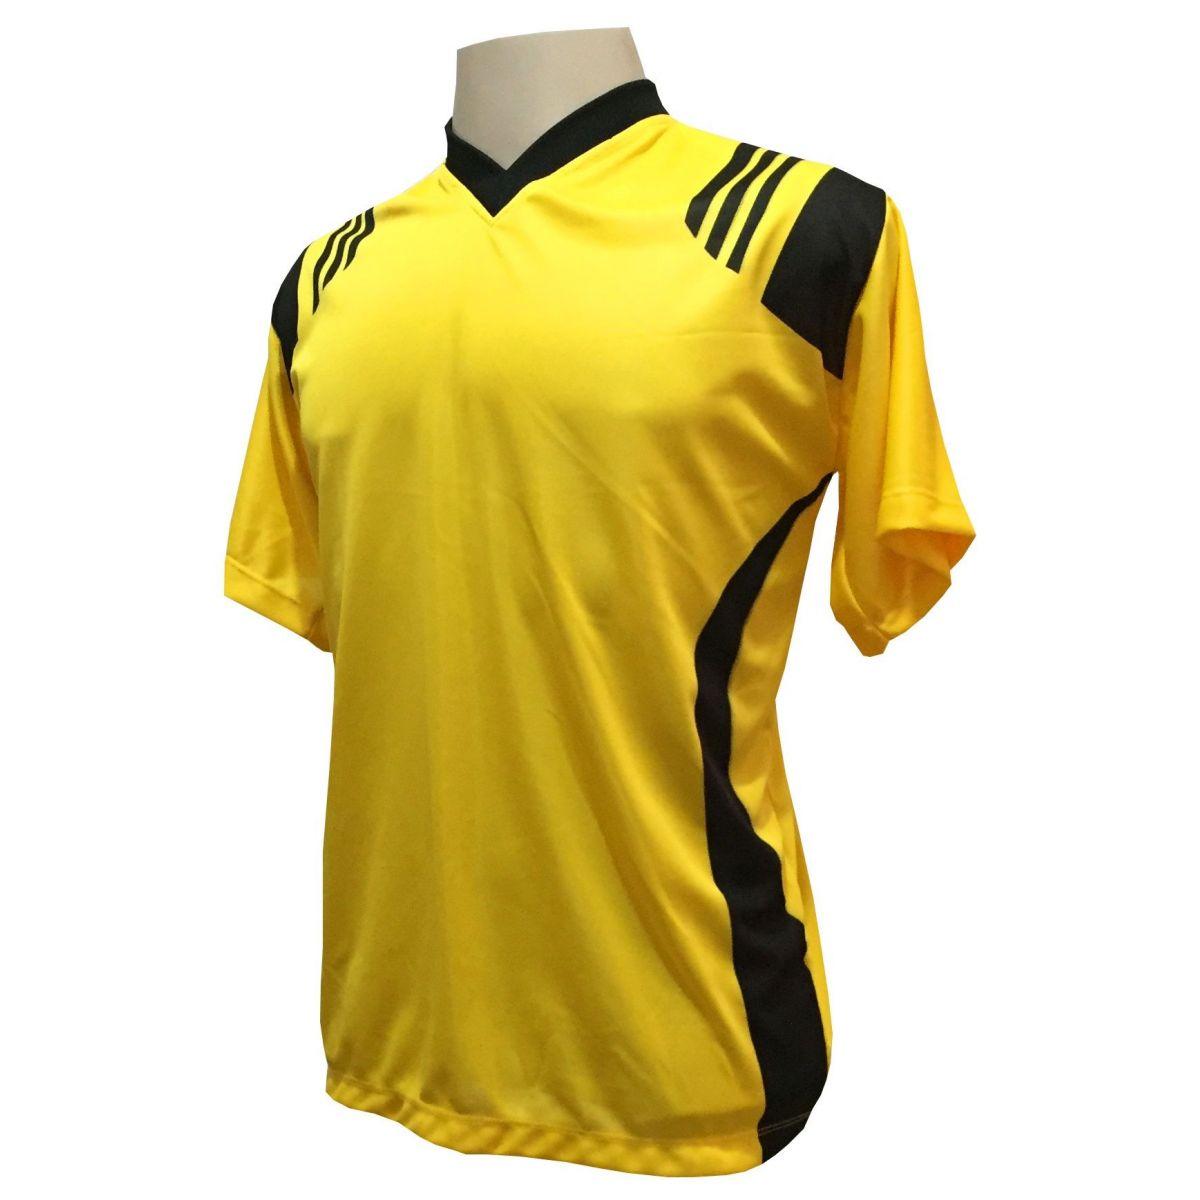 Uniforme Esportivo com 20 camisas modelo Roma Amarelo/Preto + 20 calções modelo Madrid Preto + Brindes